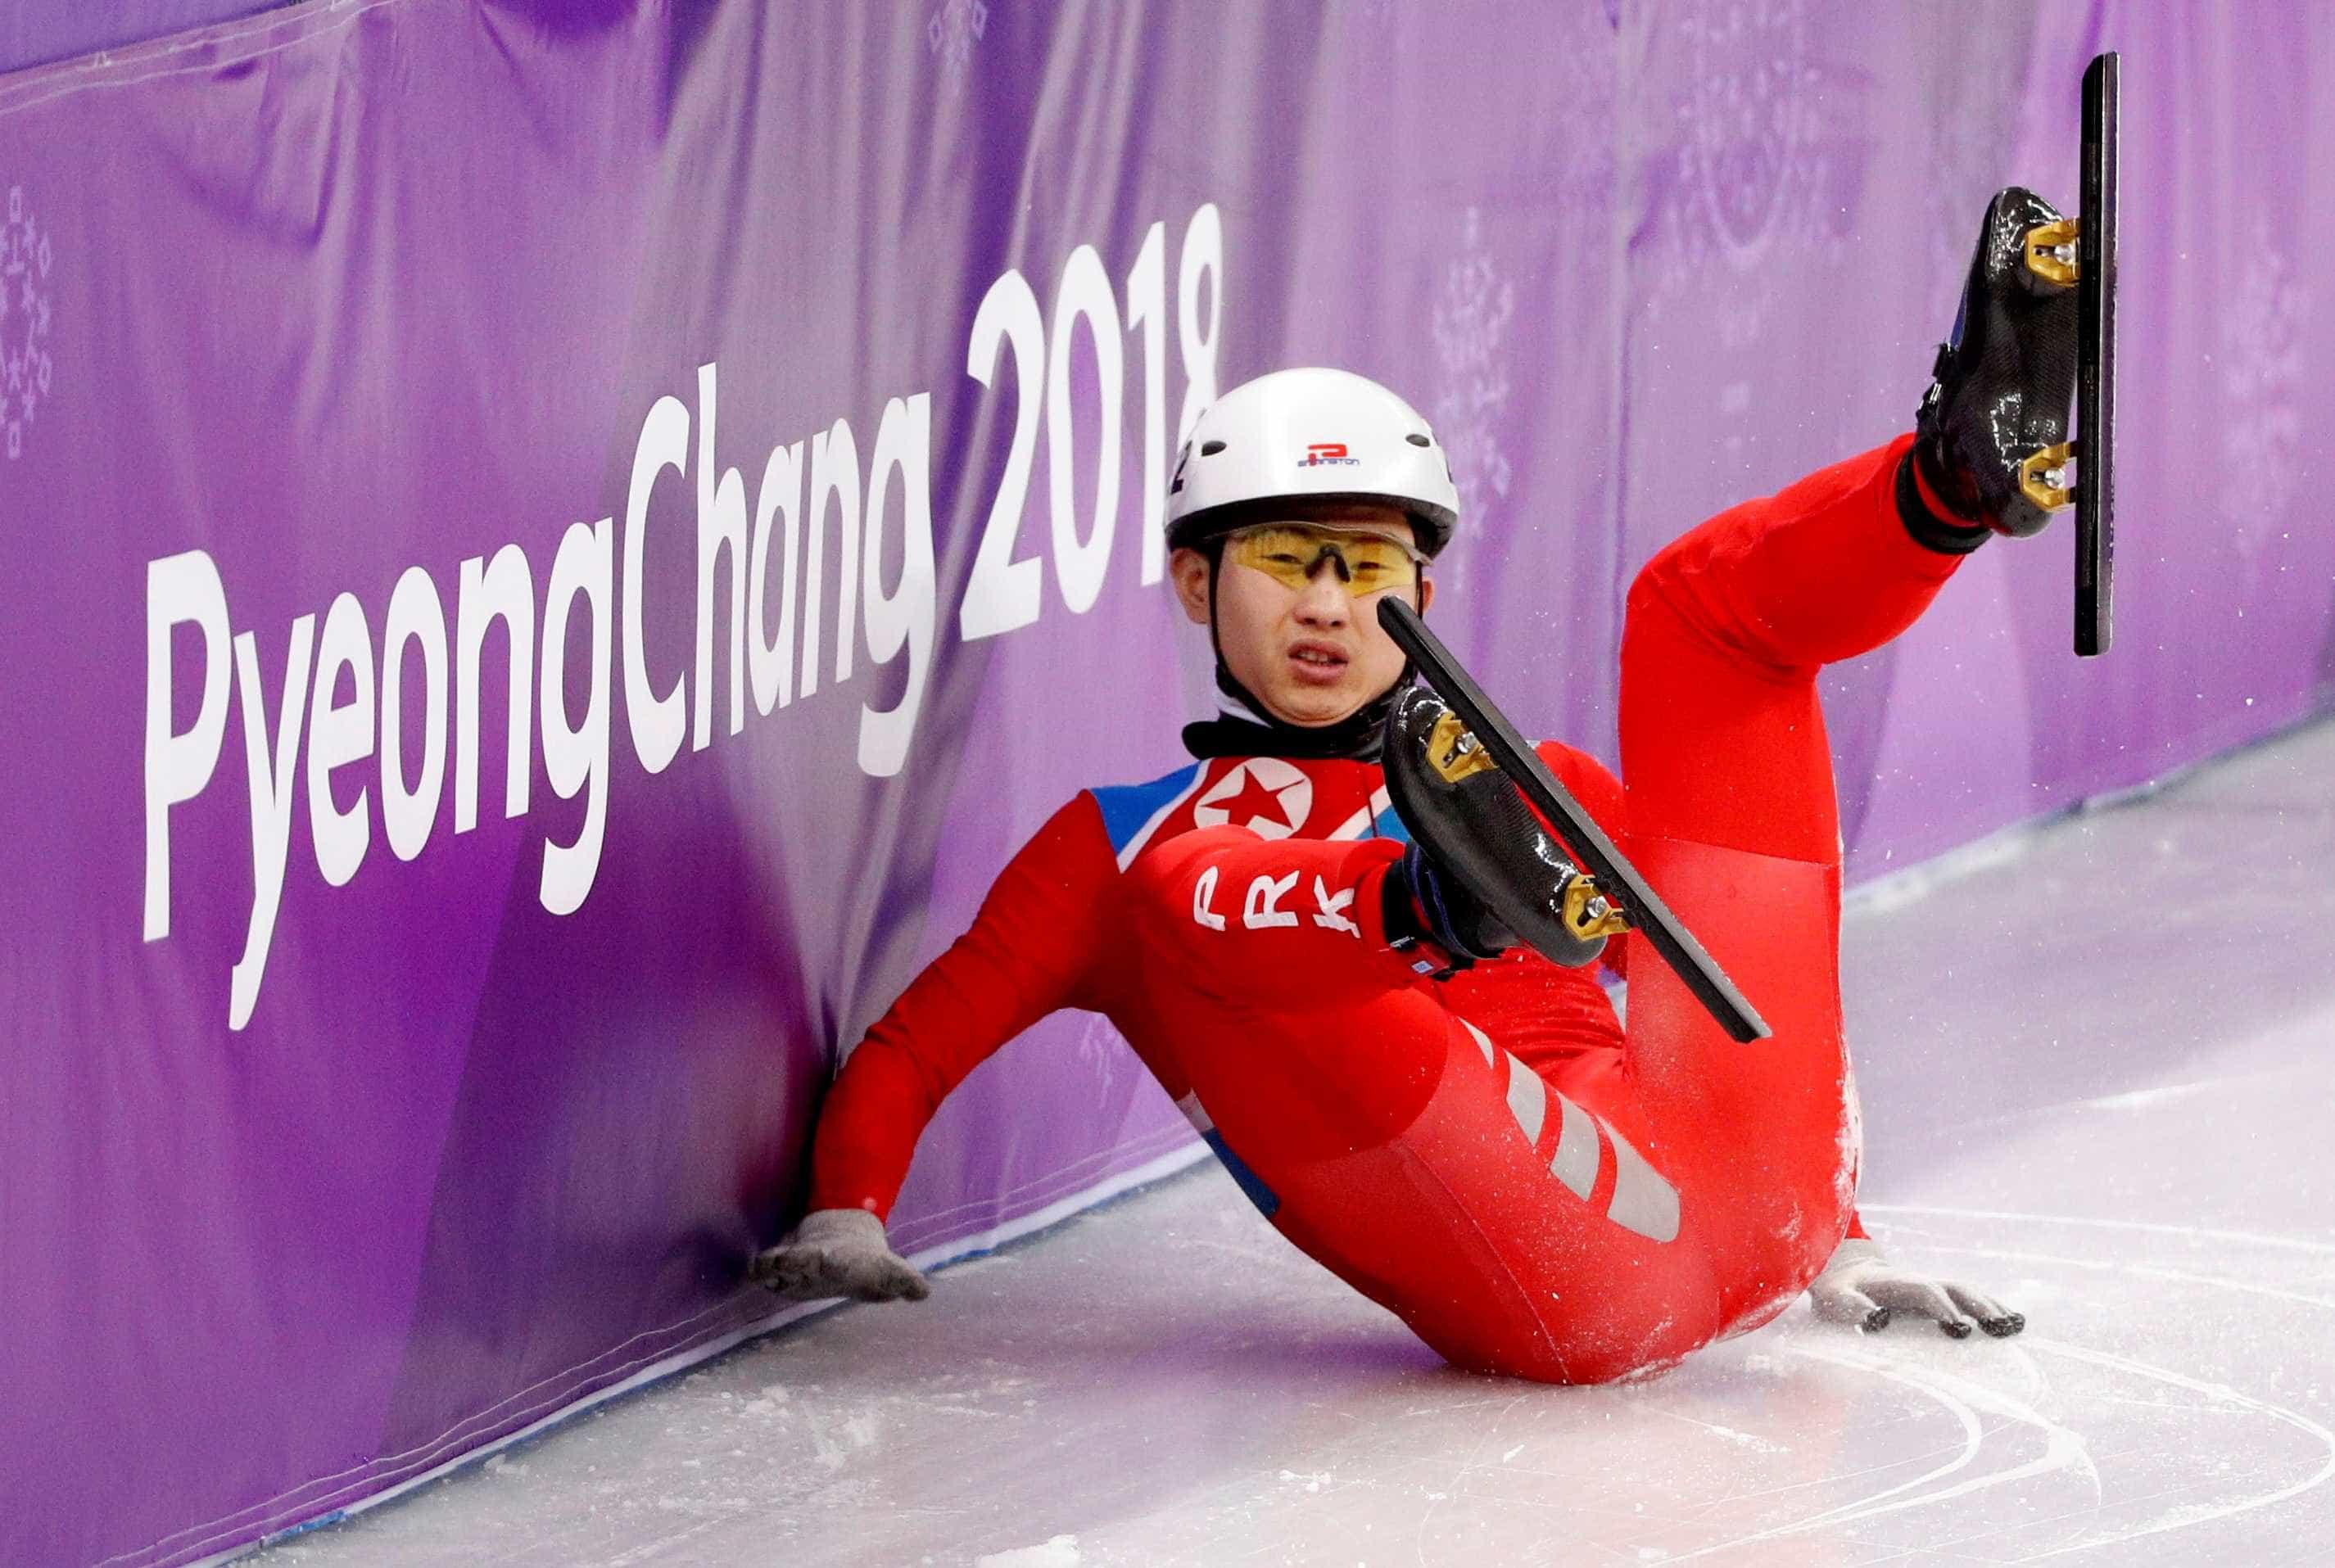 Equipe unificada da Coreia termina Jogos de Inverno sem vencer